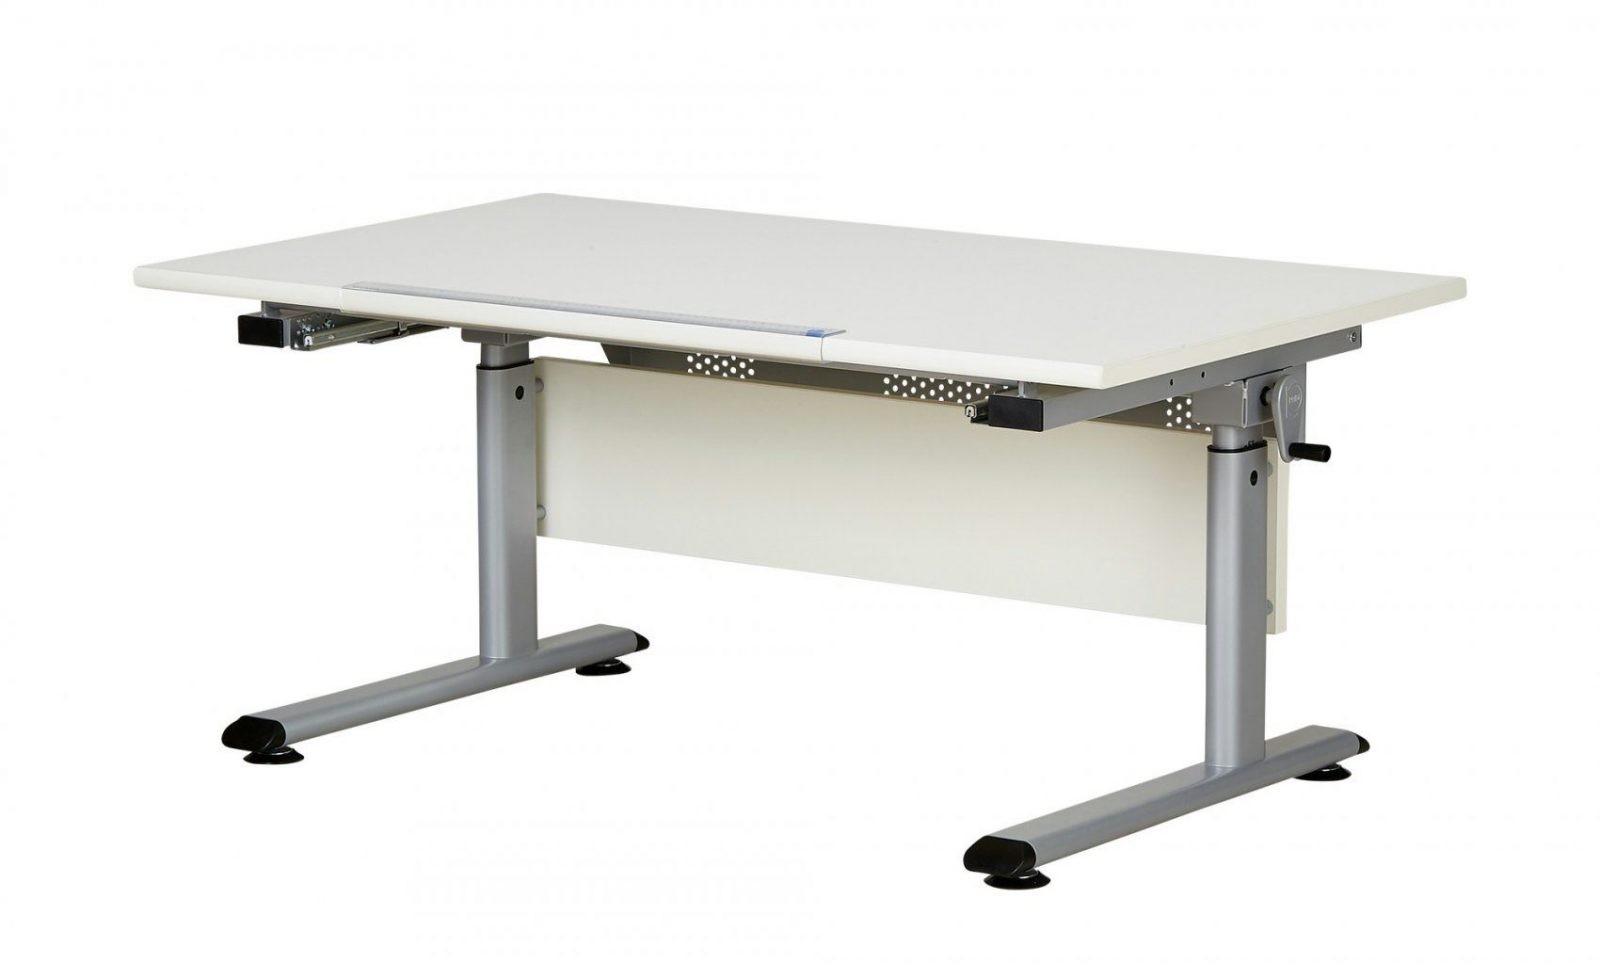 Paidi Schülerschreibtisch Marco 2  Weiß  Möbel Kraft von Schreibtisch Marco 2 Gt Photo